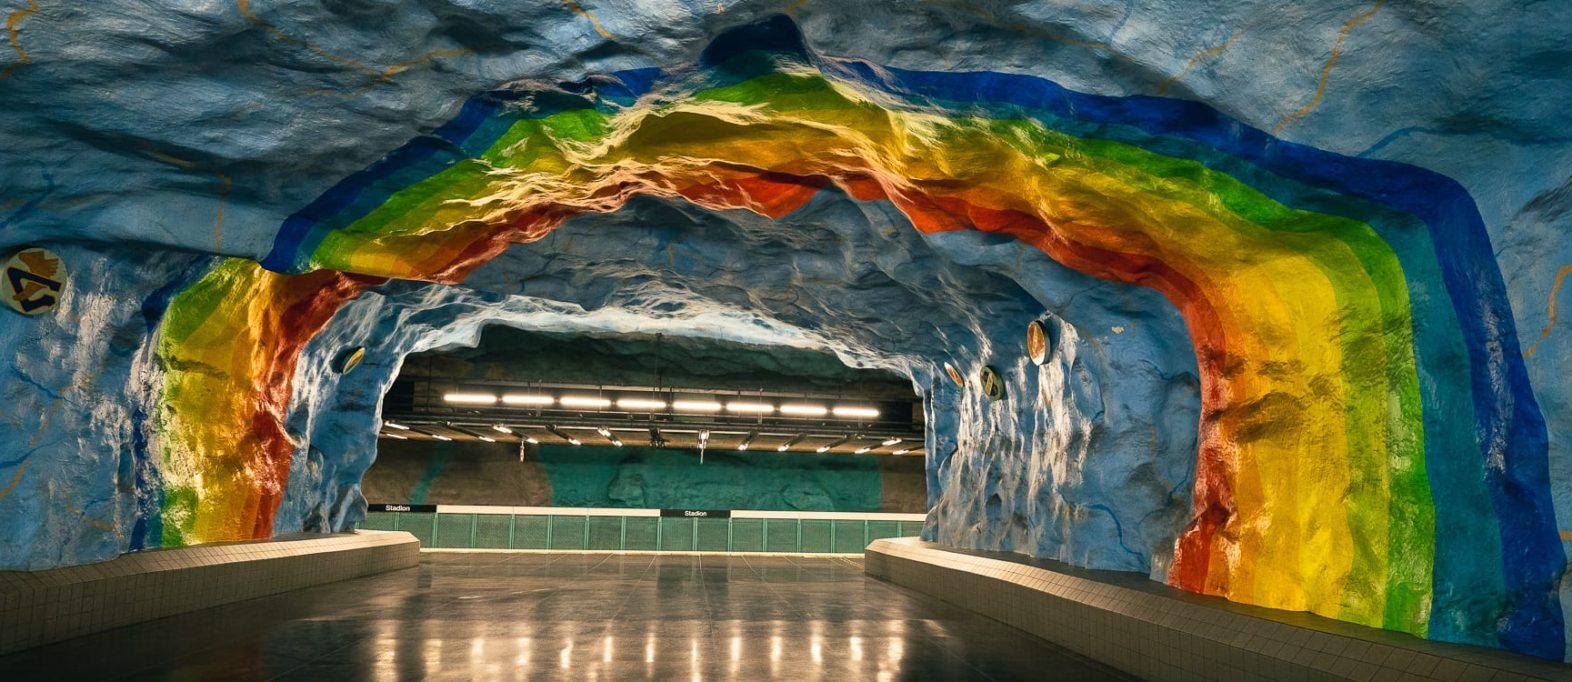 Geheimtipp Stockholm Ubahn Stationen Kunstwerke